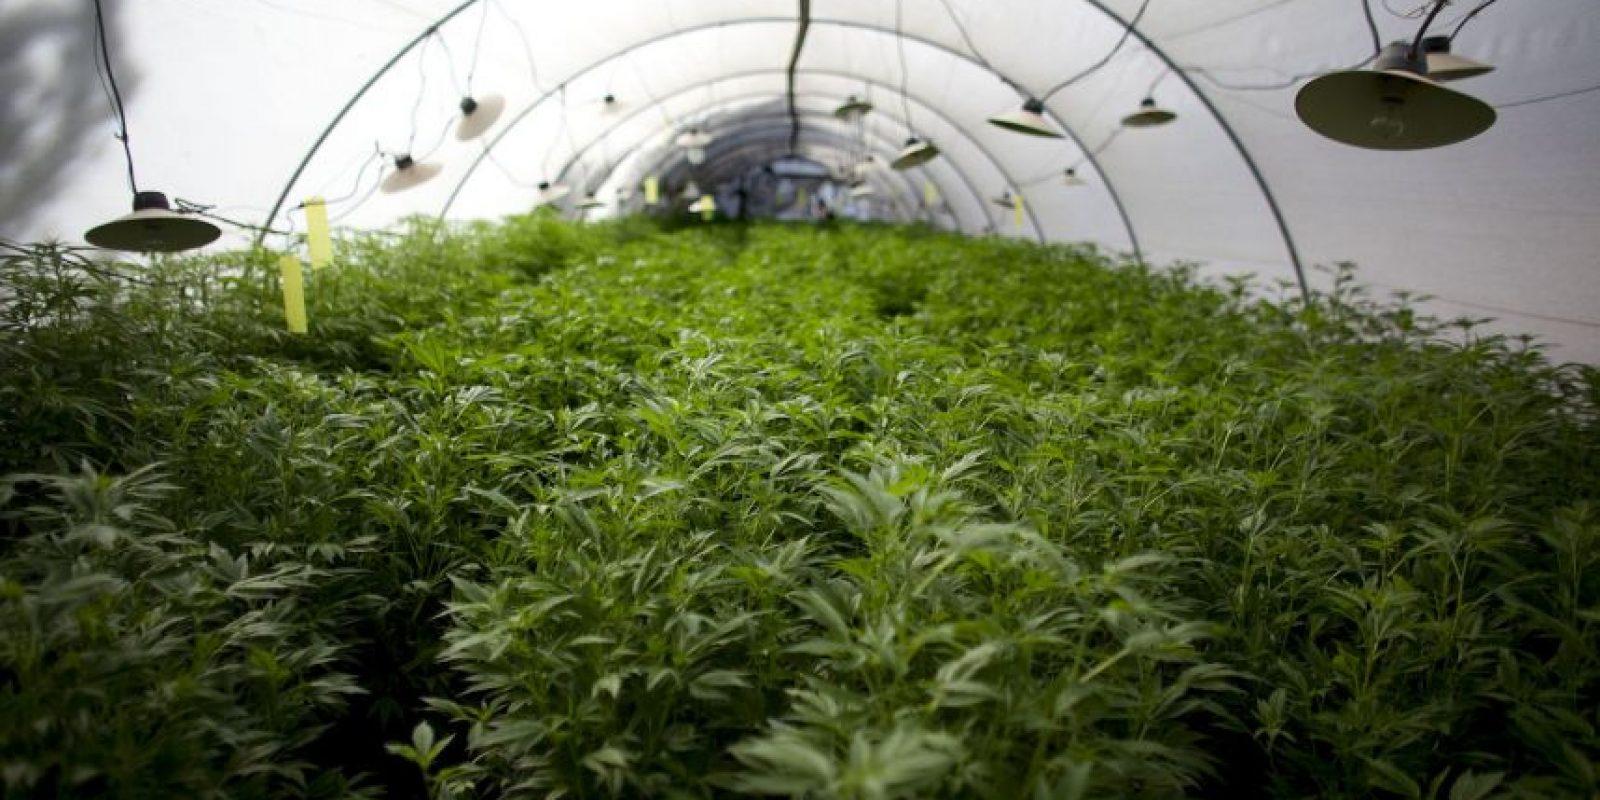 La marihuana sintética es una droga diseñada que en realidad no contiene nada de marihuana. Foto:Getty Images